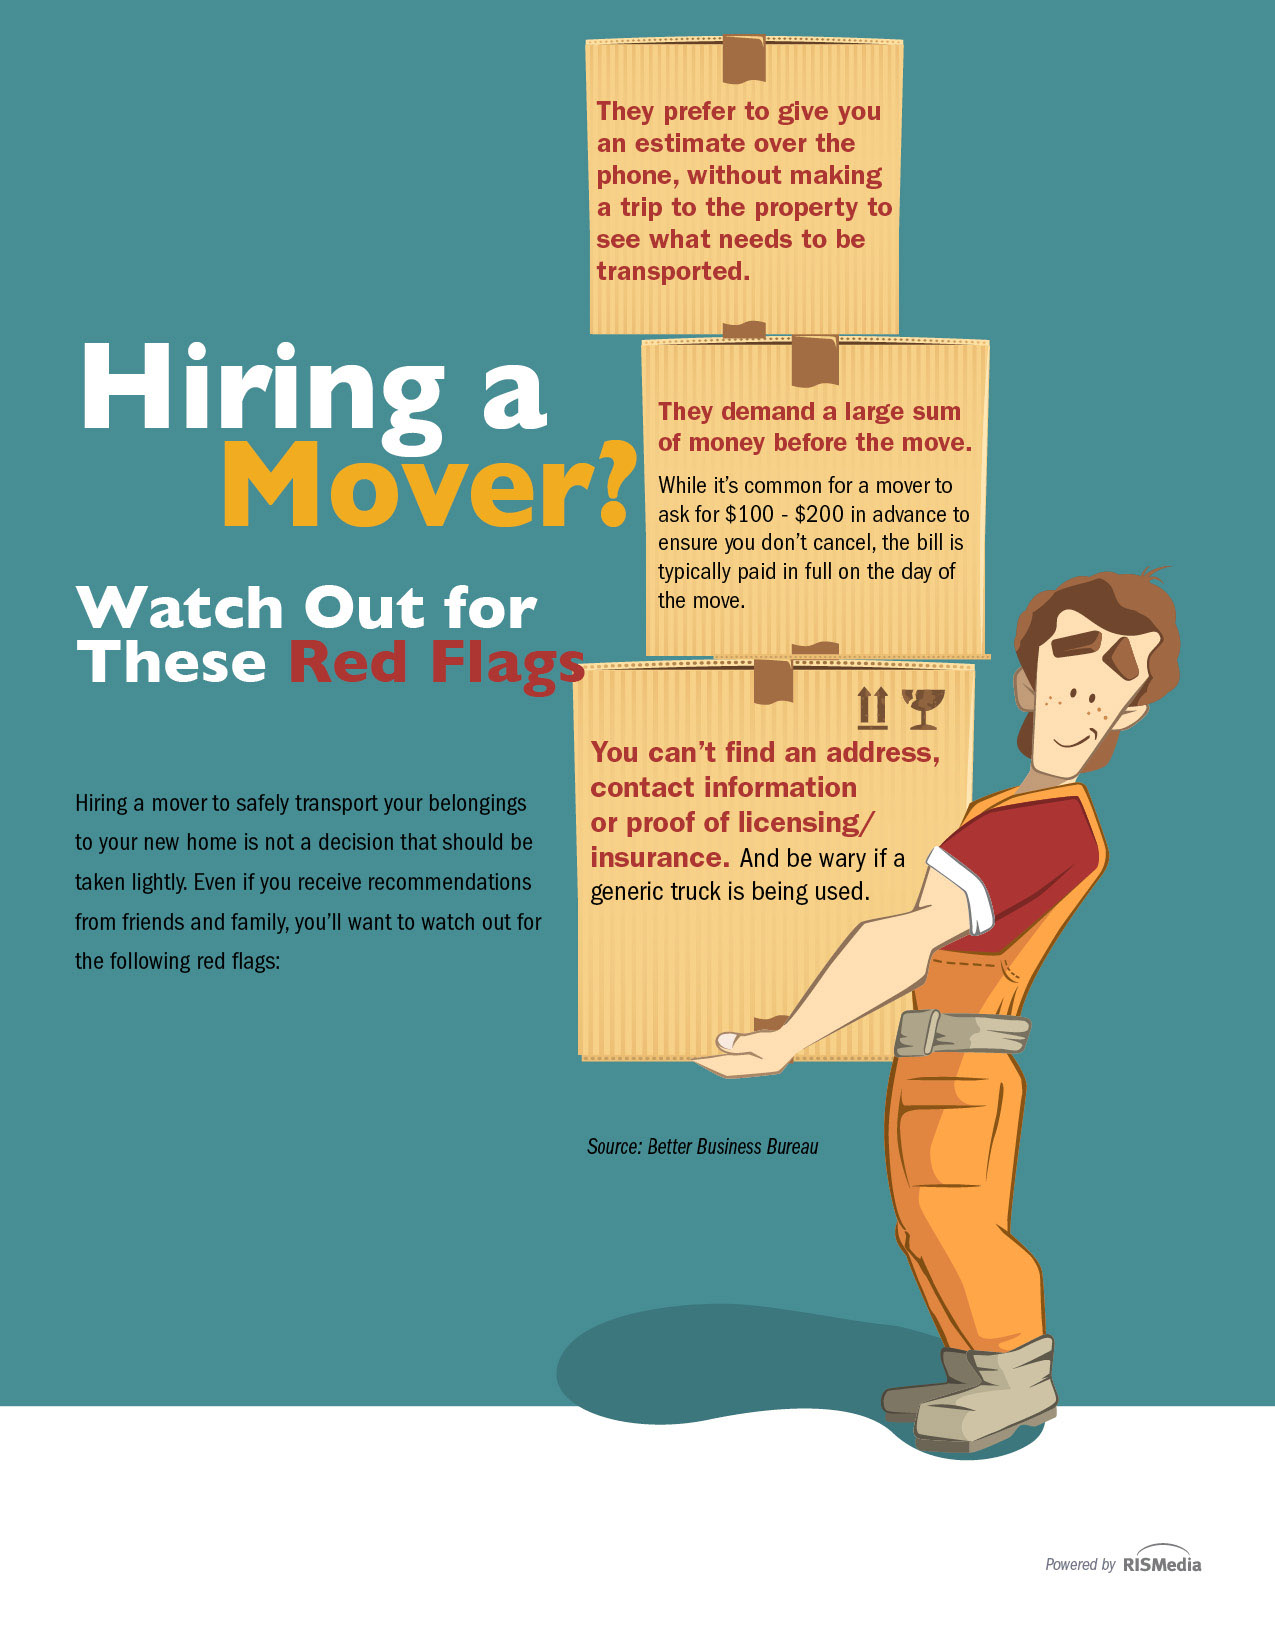 Hiring a Mover